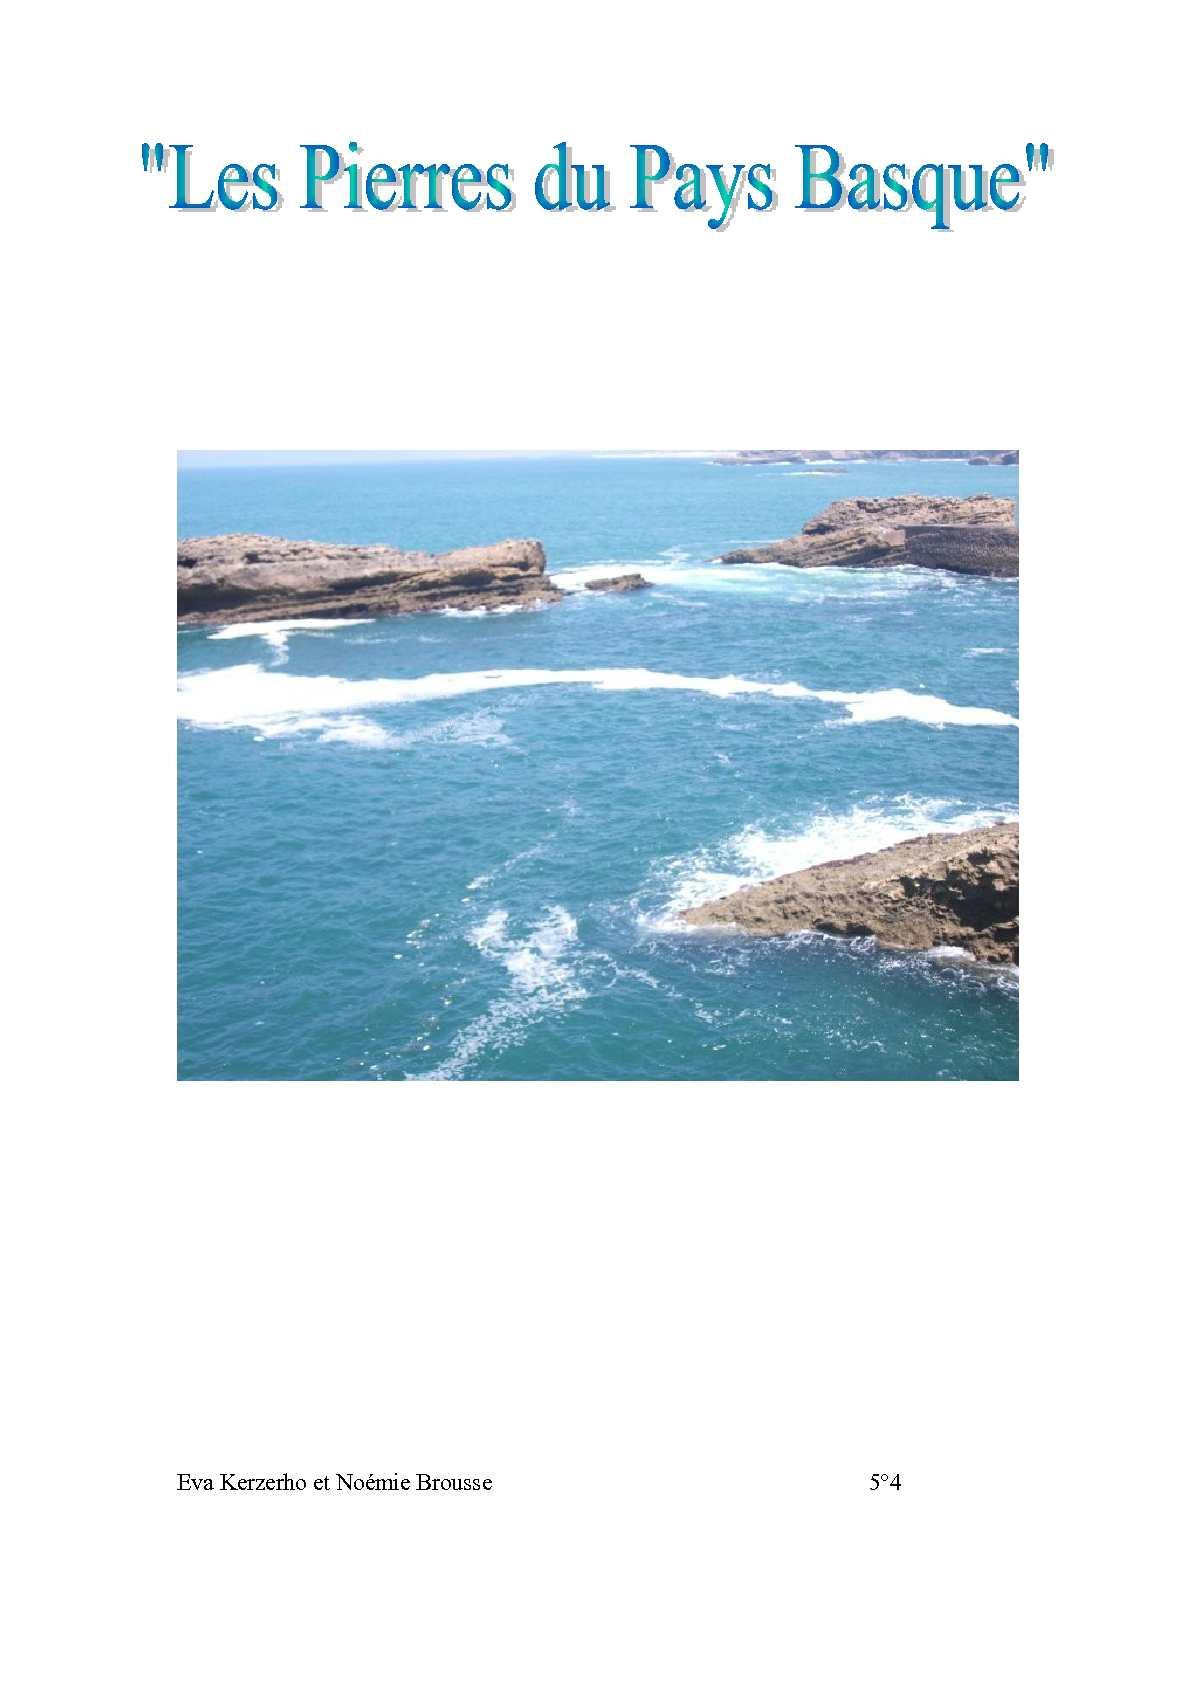 Les pierres du pays basque